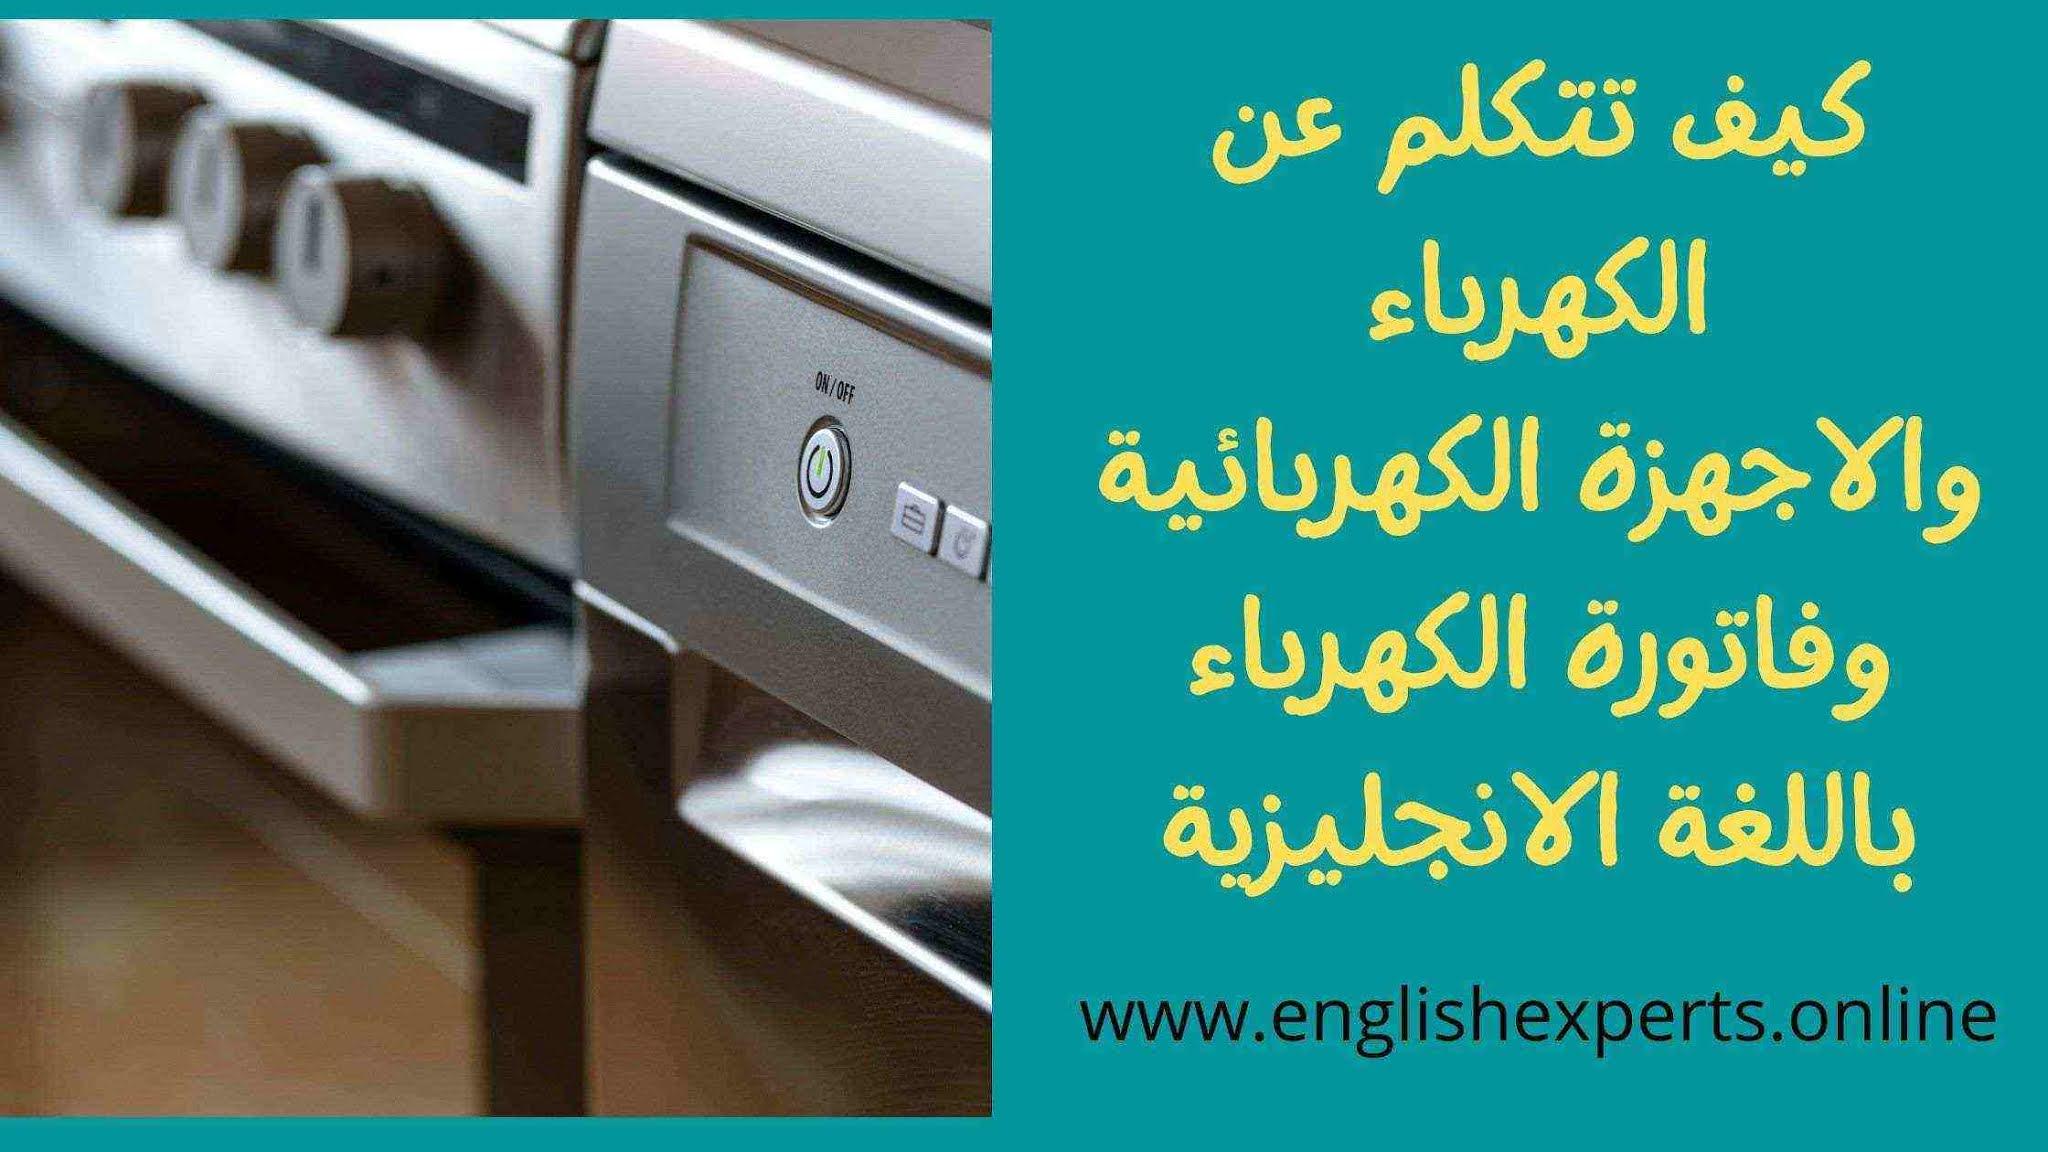 الكهرباء و الاجهزة الكهربائية وصف اي جهاز باللغة الانجليزية